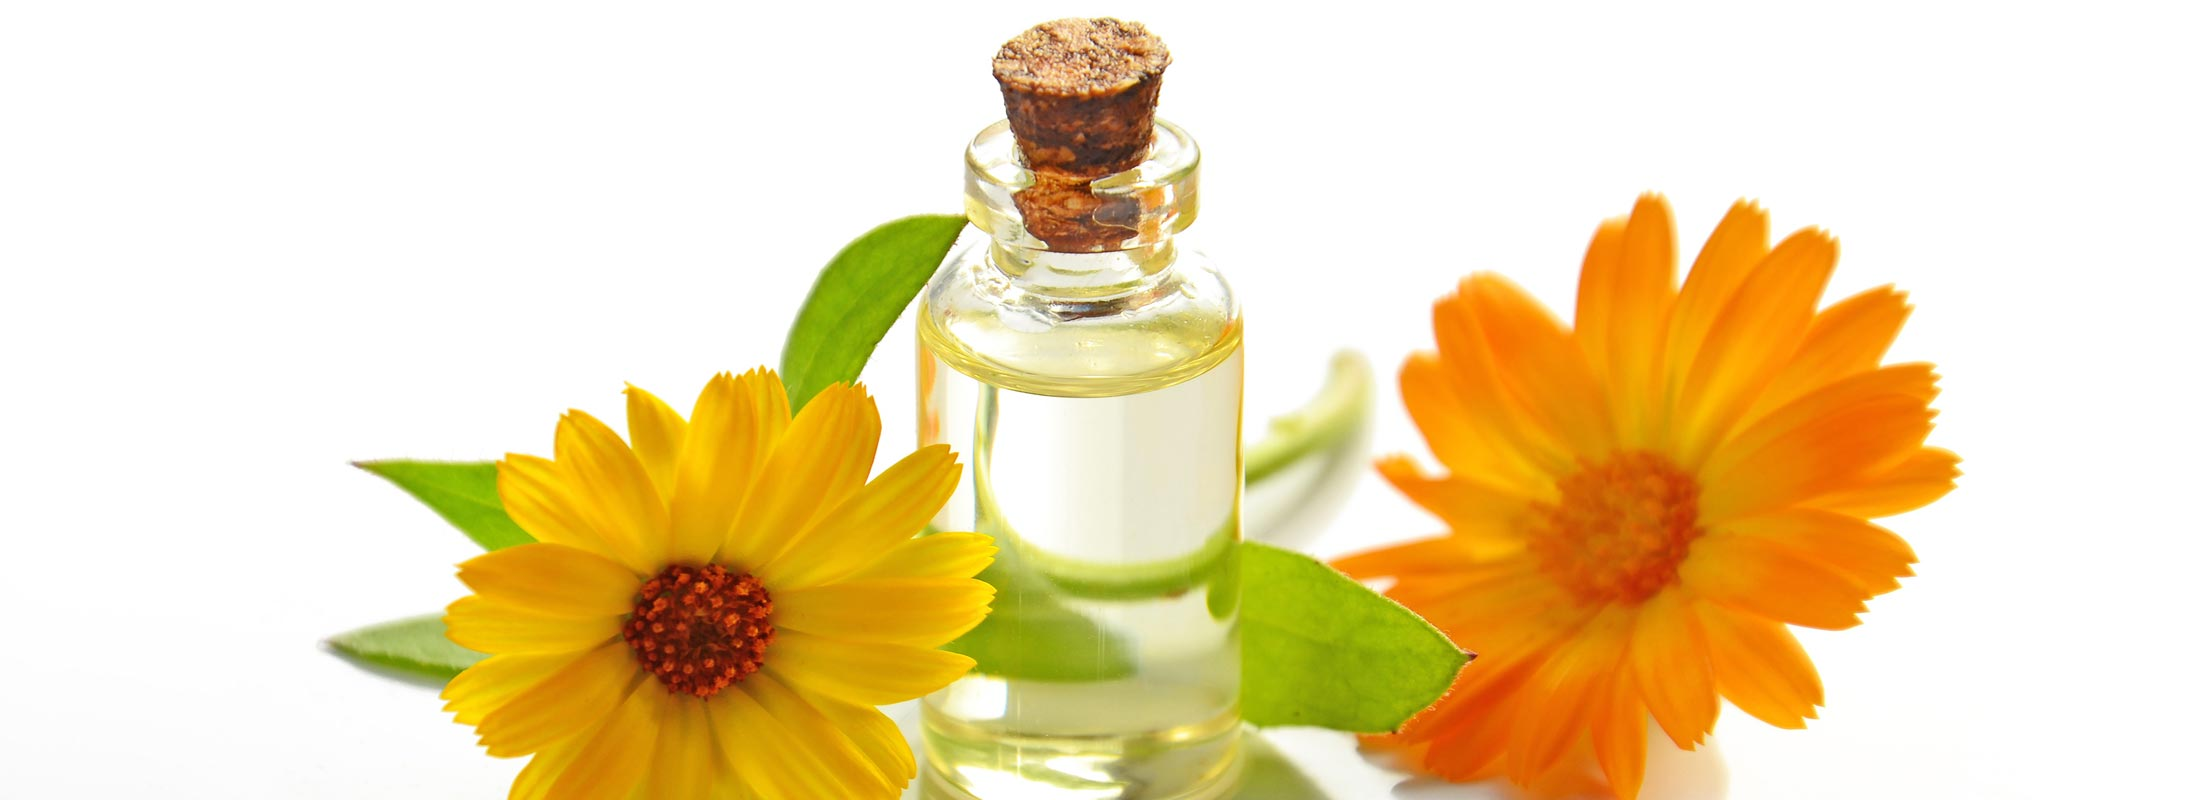 Floraplex - Are Terpenes Essential Oils?